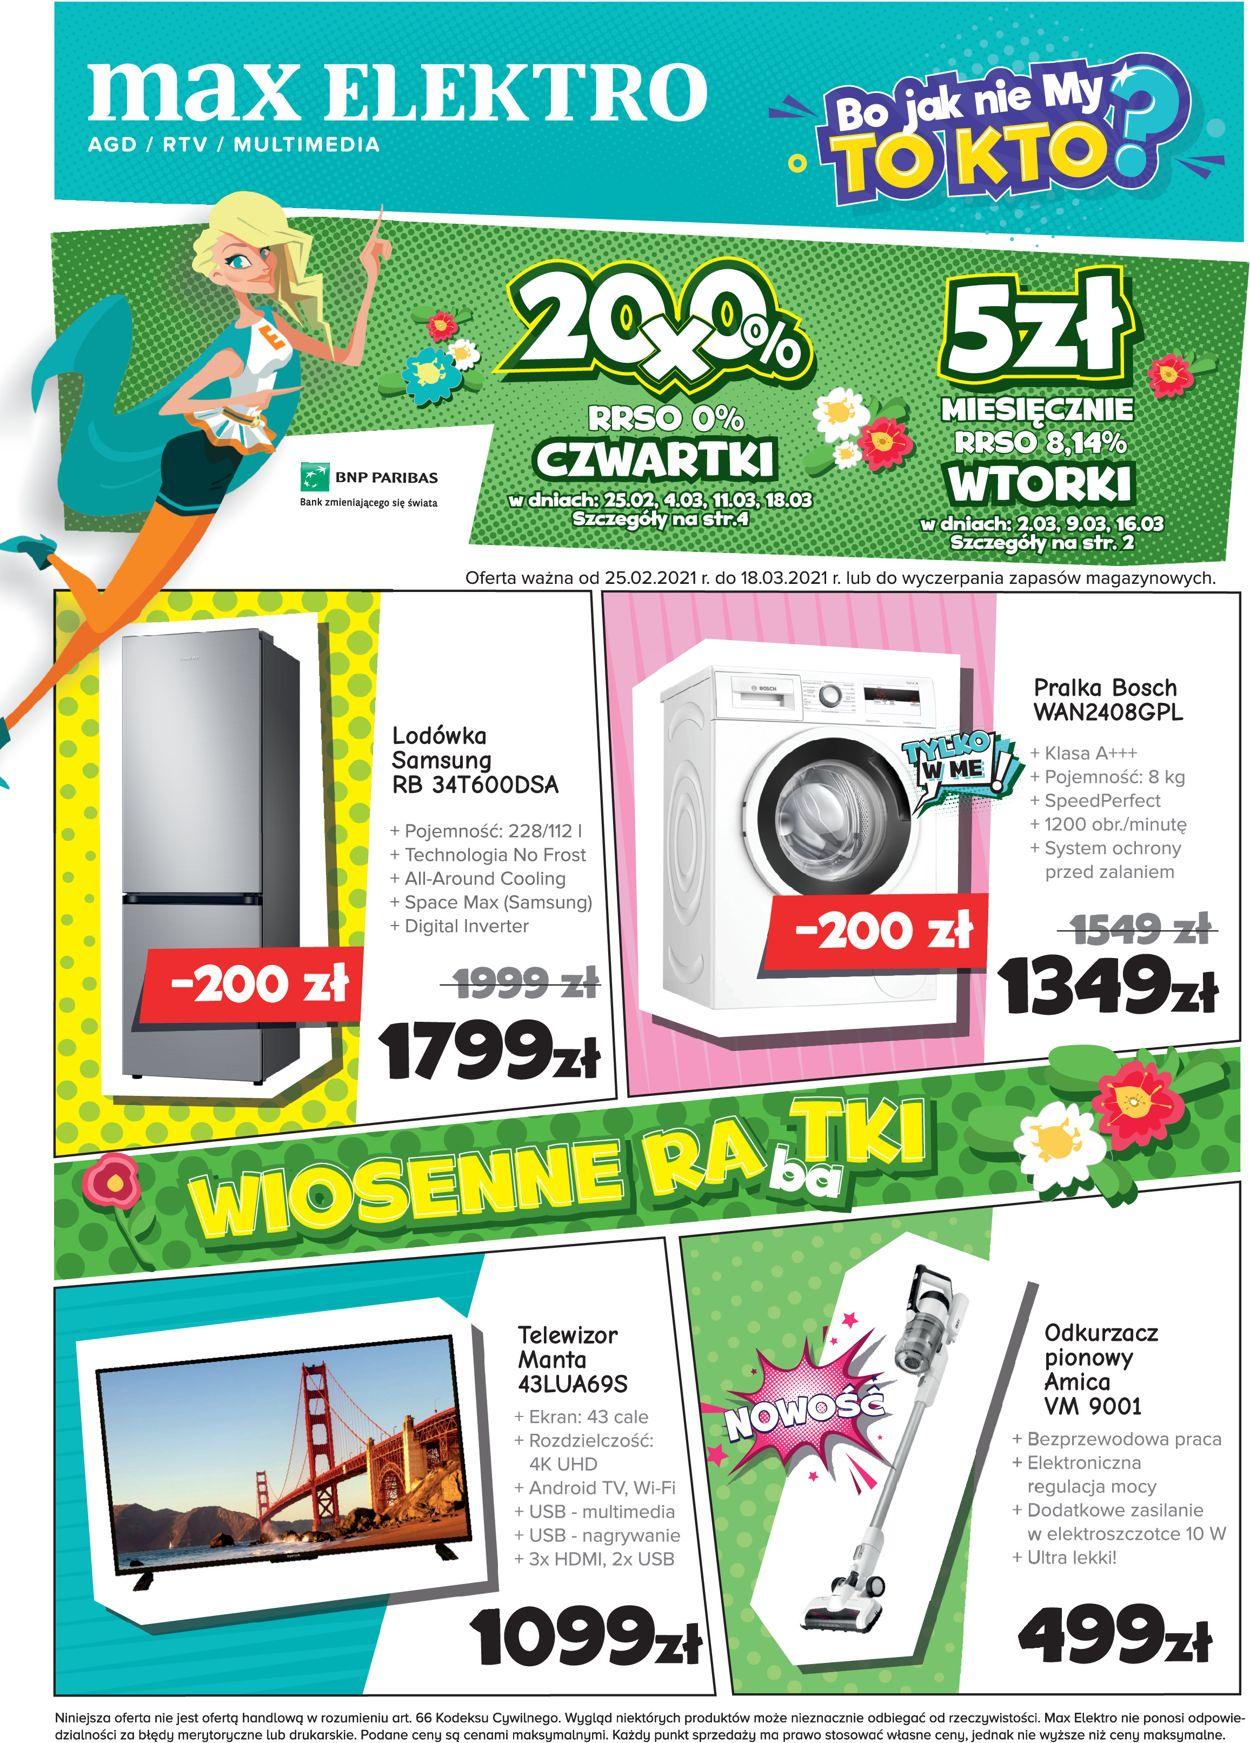 Gazetka promocyjna max elektro - 25.02-18.03.2021